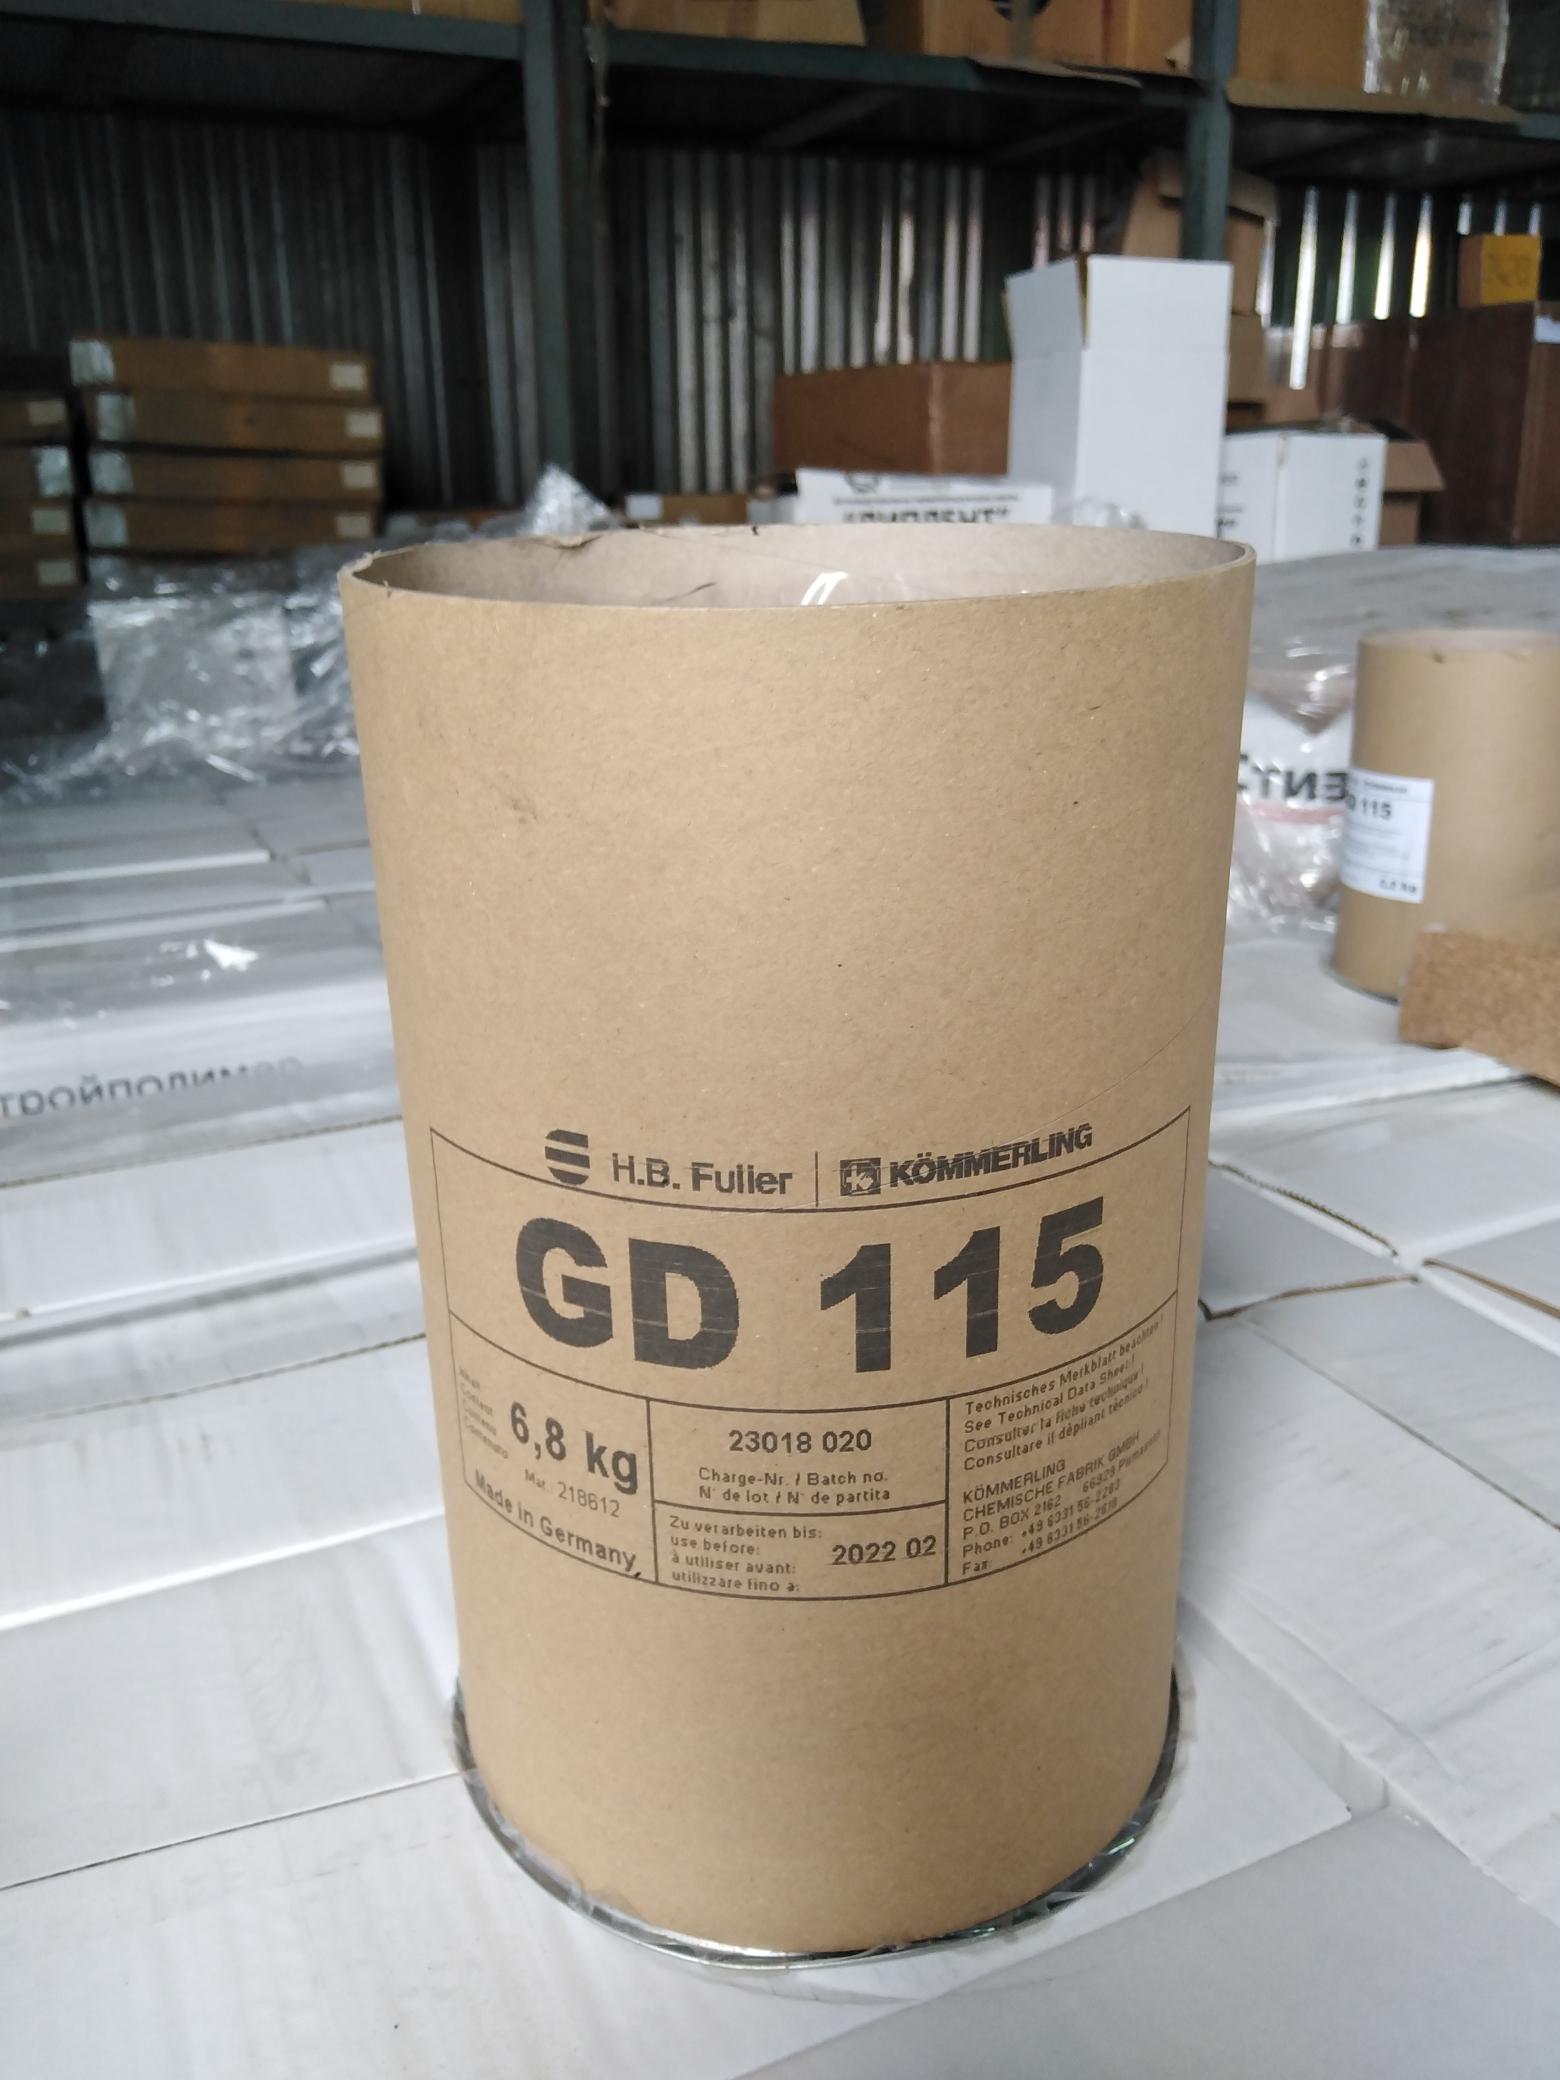 Бутил Koemmerling (GD 115), 6,8 кг.